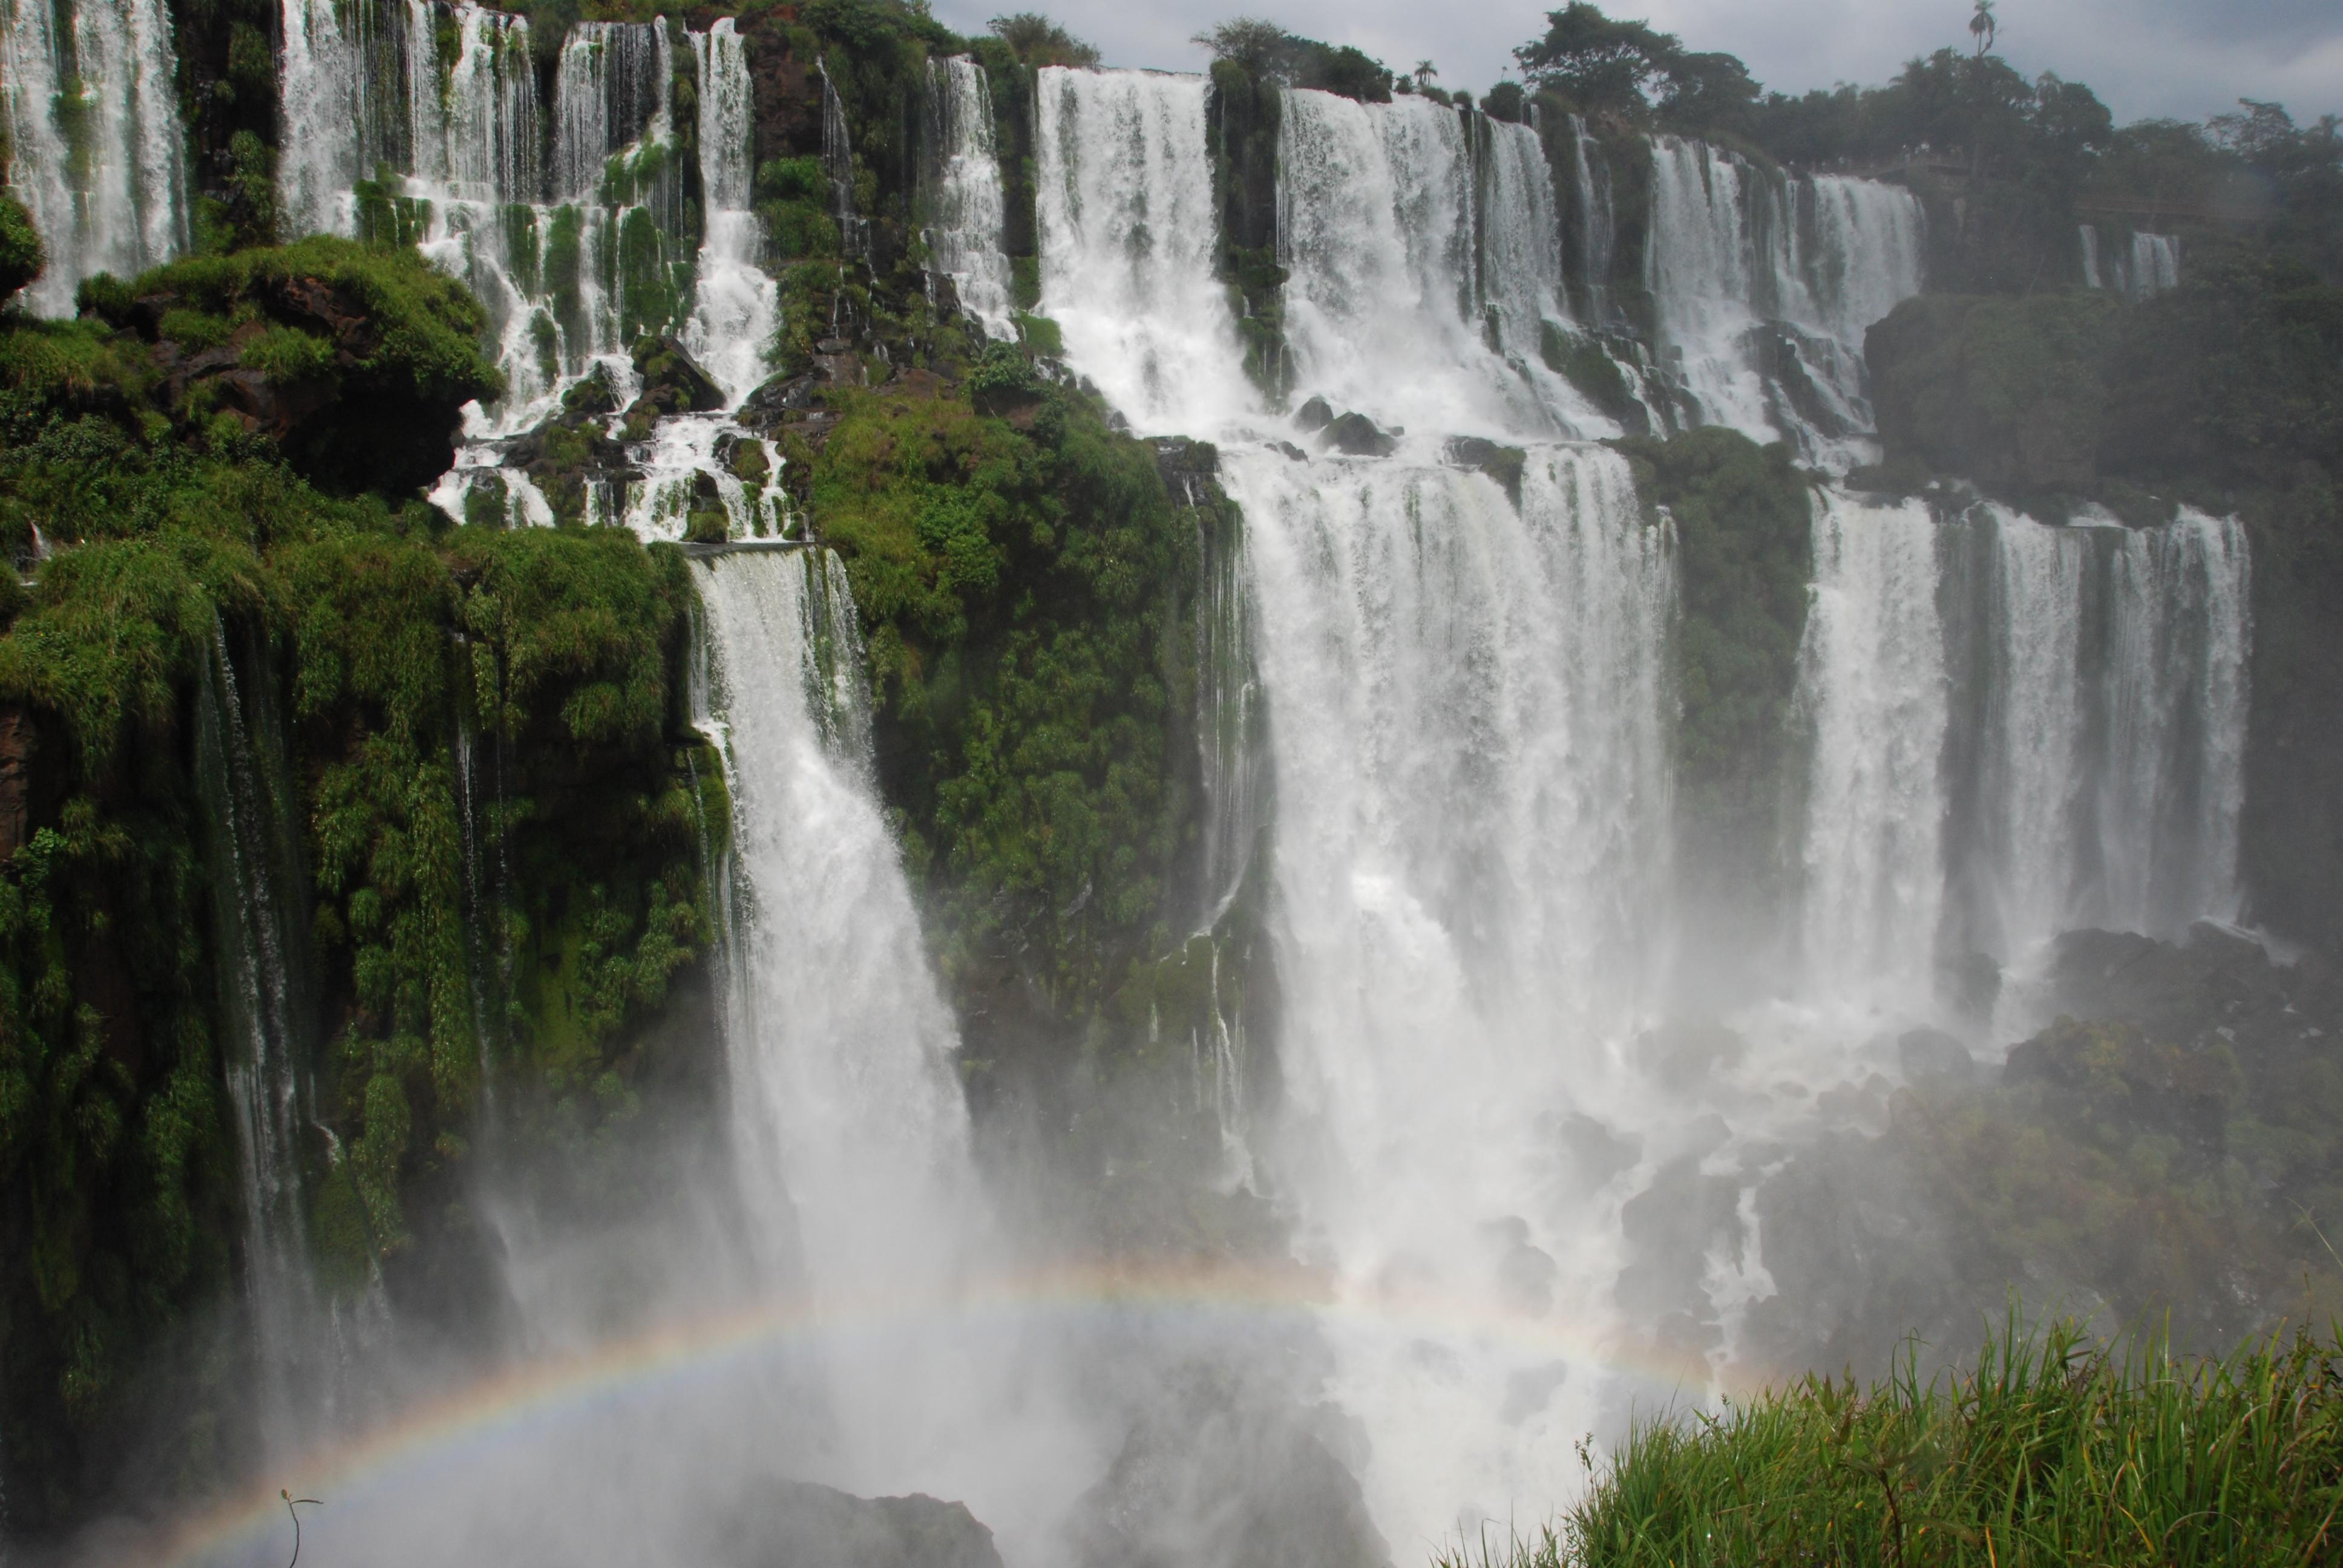 Caídas de agua en la naturaleza. Dsc_0273